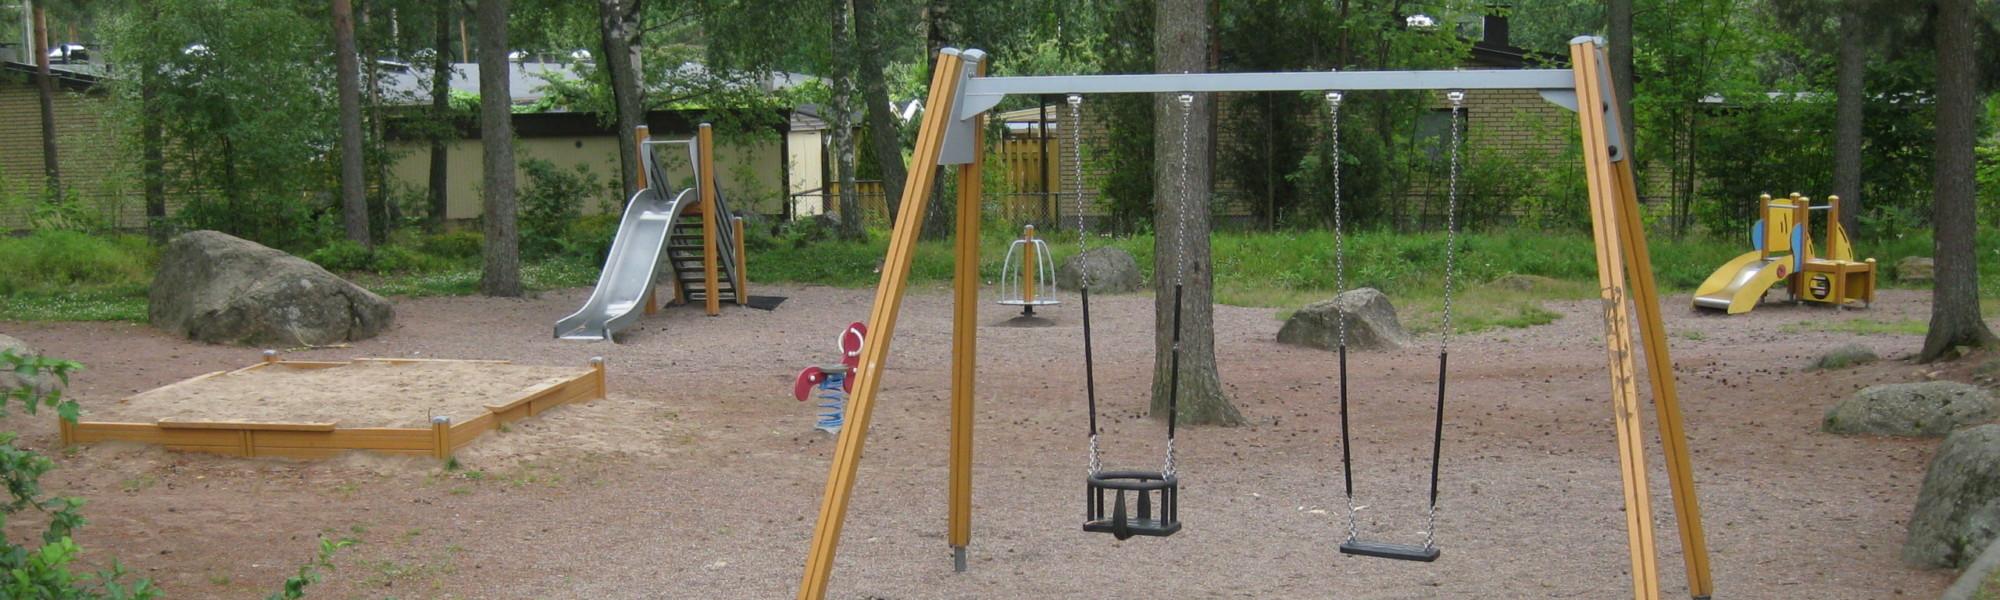 Kuvassa on Hirvenkellonkadun leikkipaikka